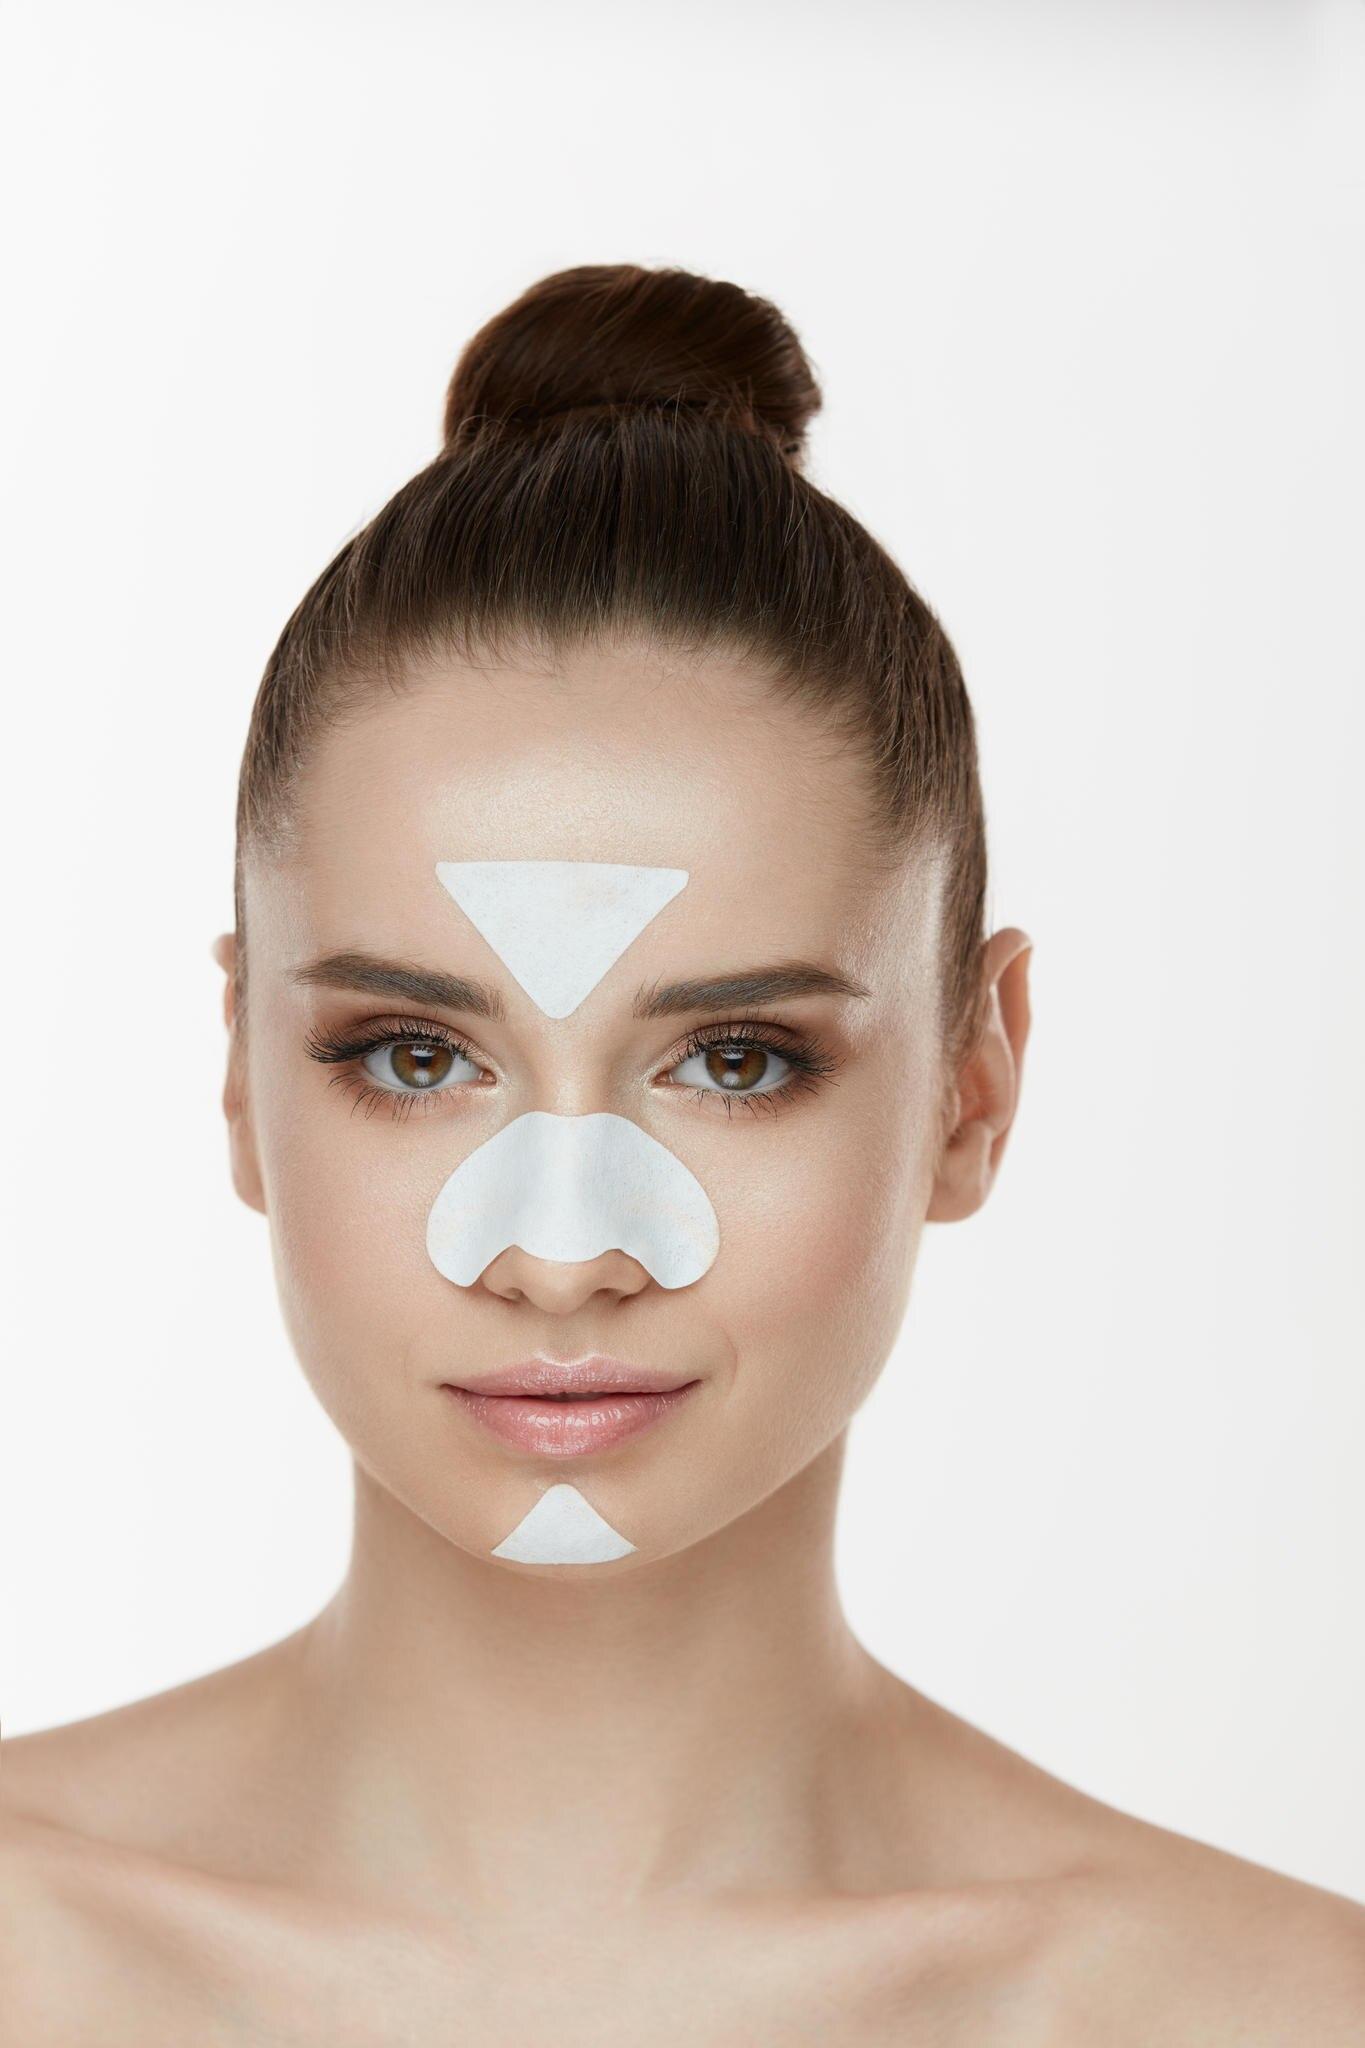 Unreine Haut im Gesicht: Die T-Zone.